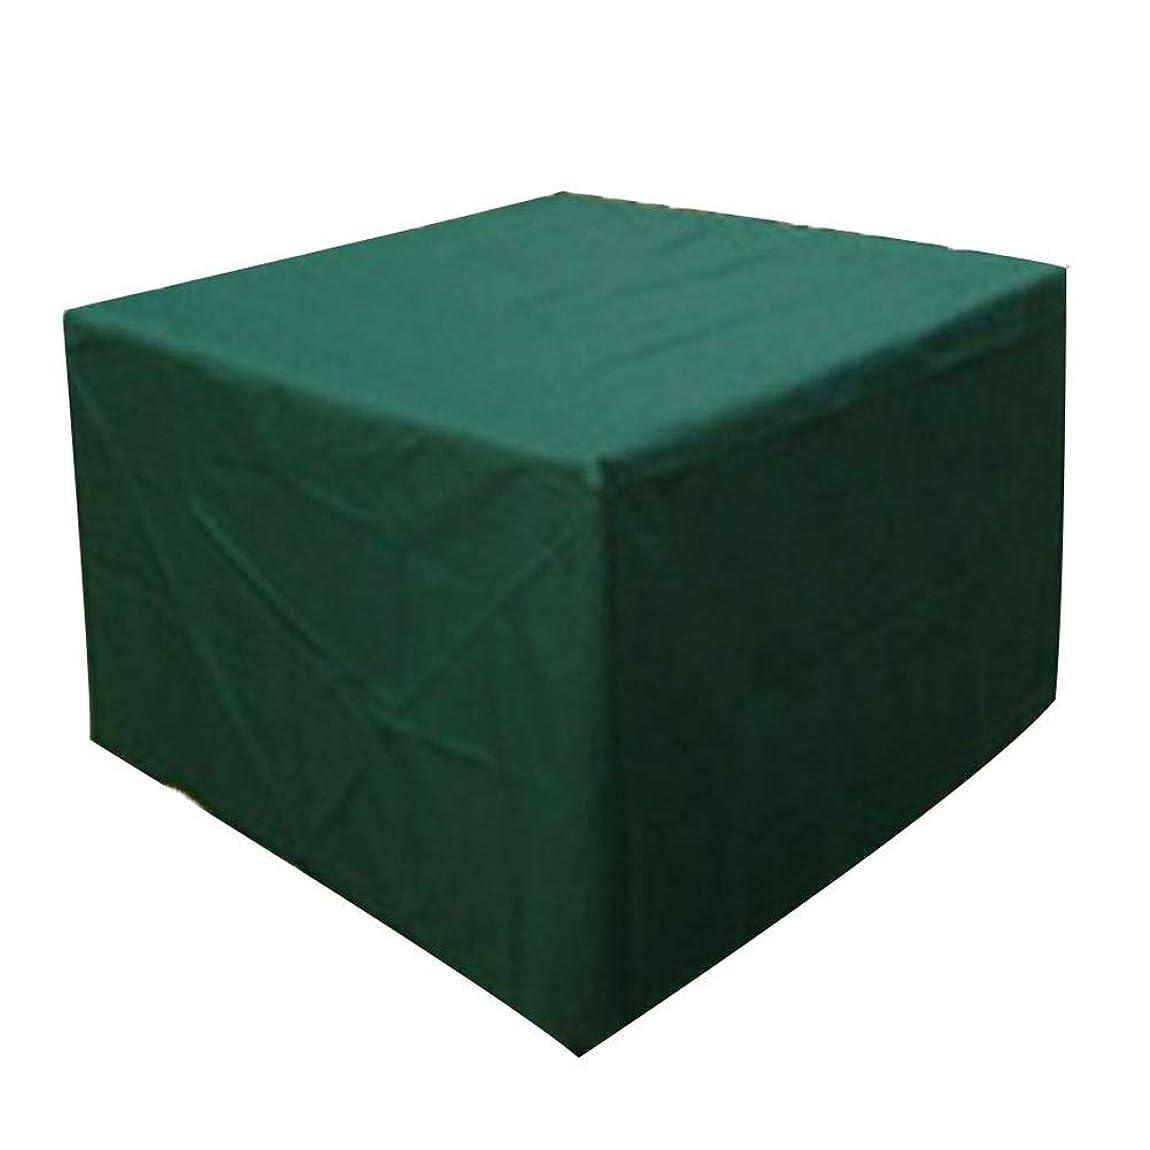 初心者乞食三角形GZHENH ガーデン屋外カバーテーブル オックスフォード布 ソファカバー 防水 耐摩耗性 屋外の 付属品 掃除が簡単 、27サイズ (Color : Green, Size : 200x160x70CM)